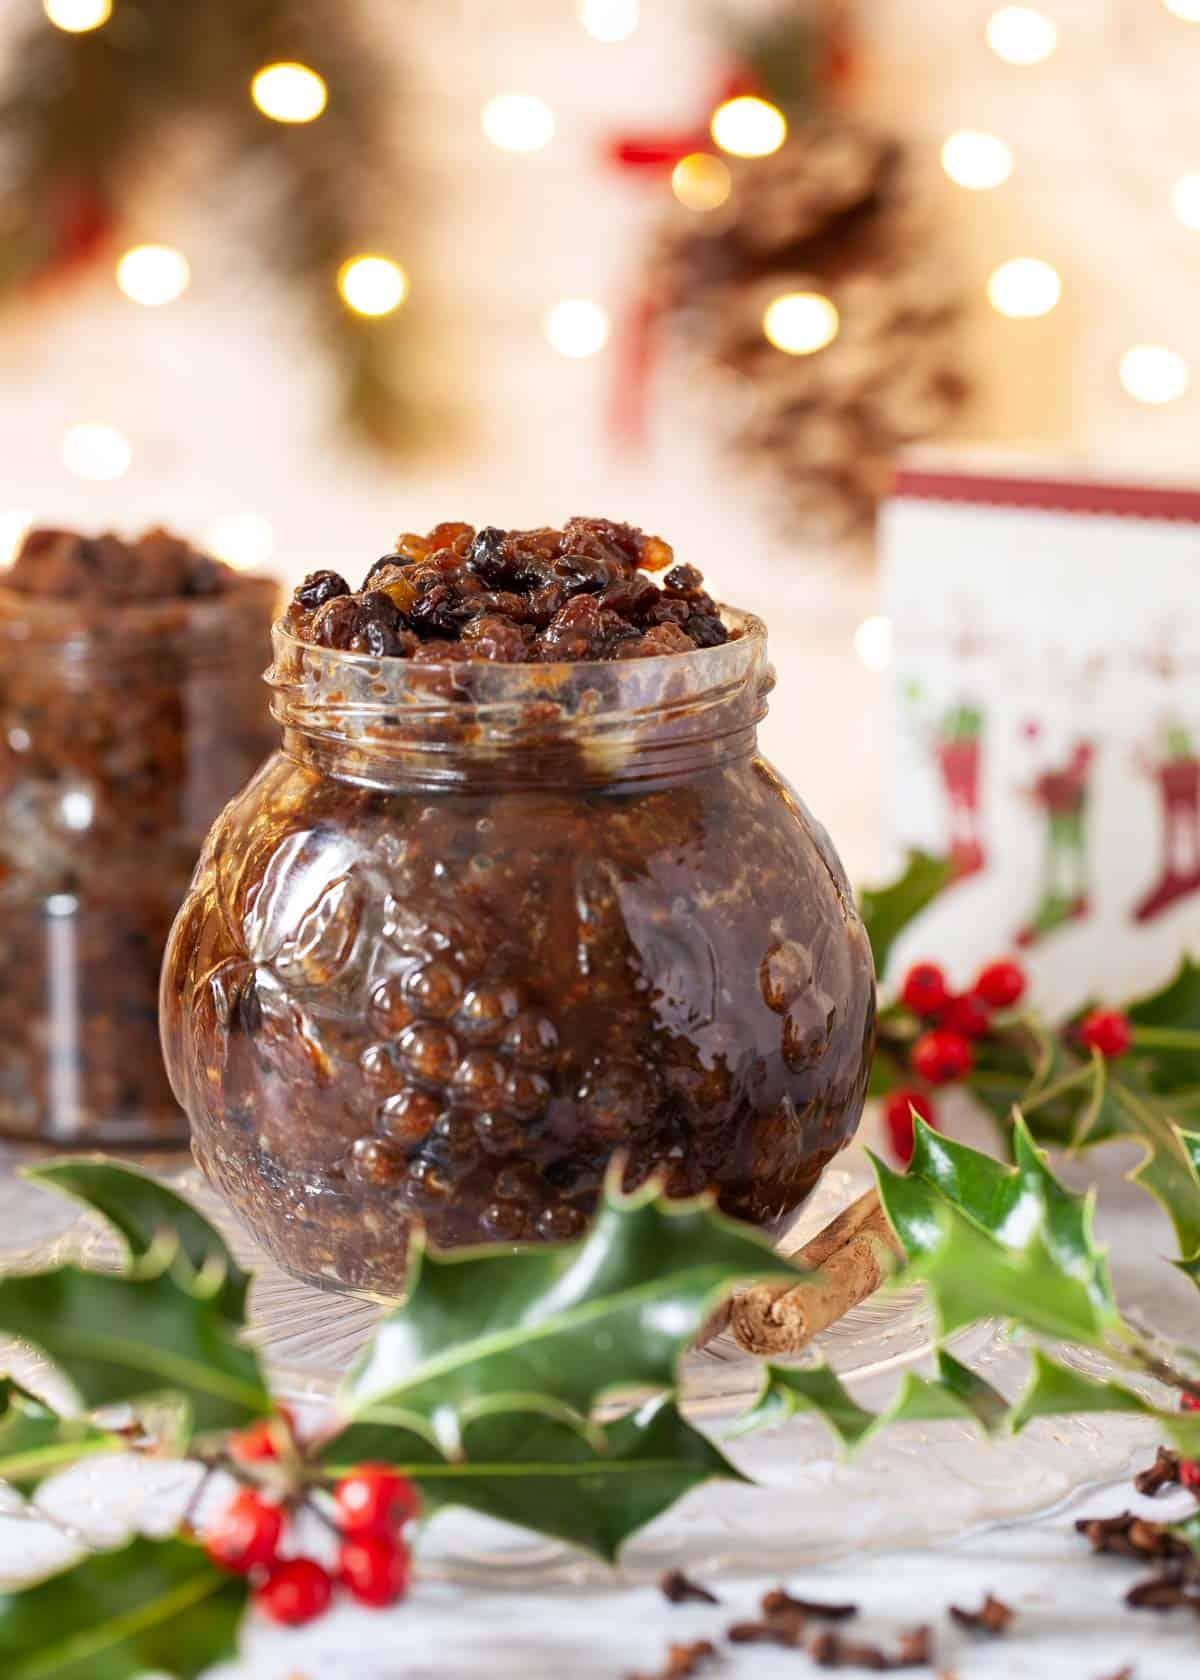 Homemade vegan mincemeat in an open jar